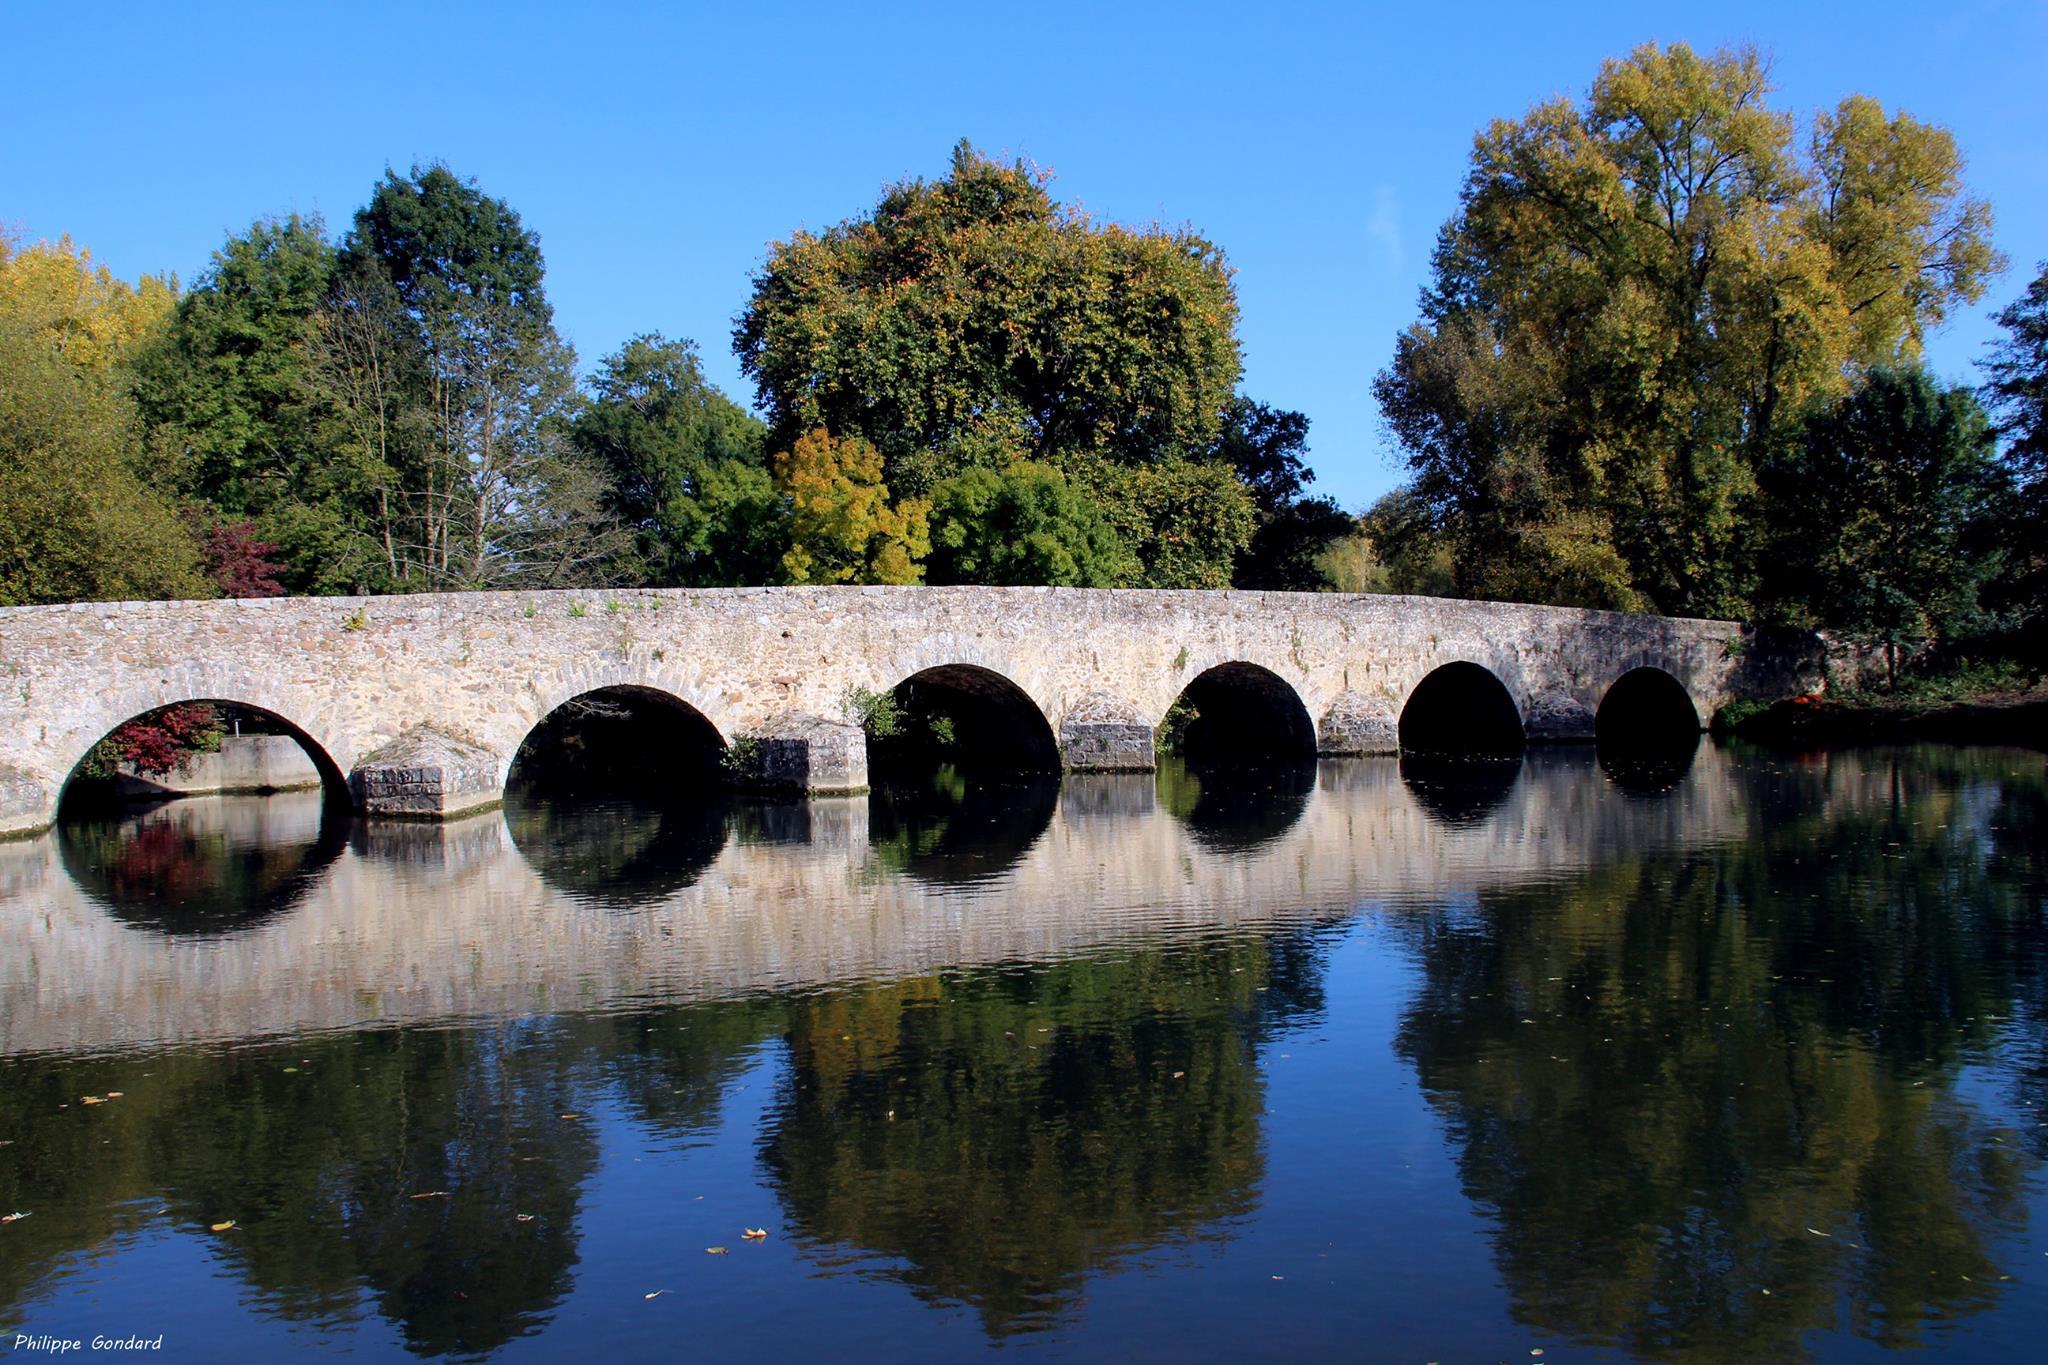 Yvré l'Evêque - La présence d'un pont est attestée dès le IXème siècle lors de la translation des reliques de Saint Liboire - Il a été fortement restauré au XIXème siècle (Philippe Gondard)